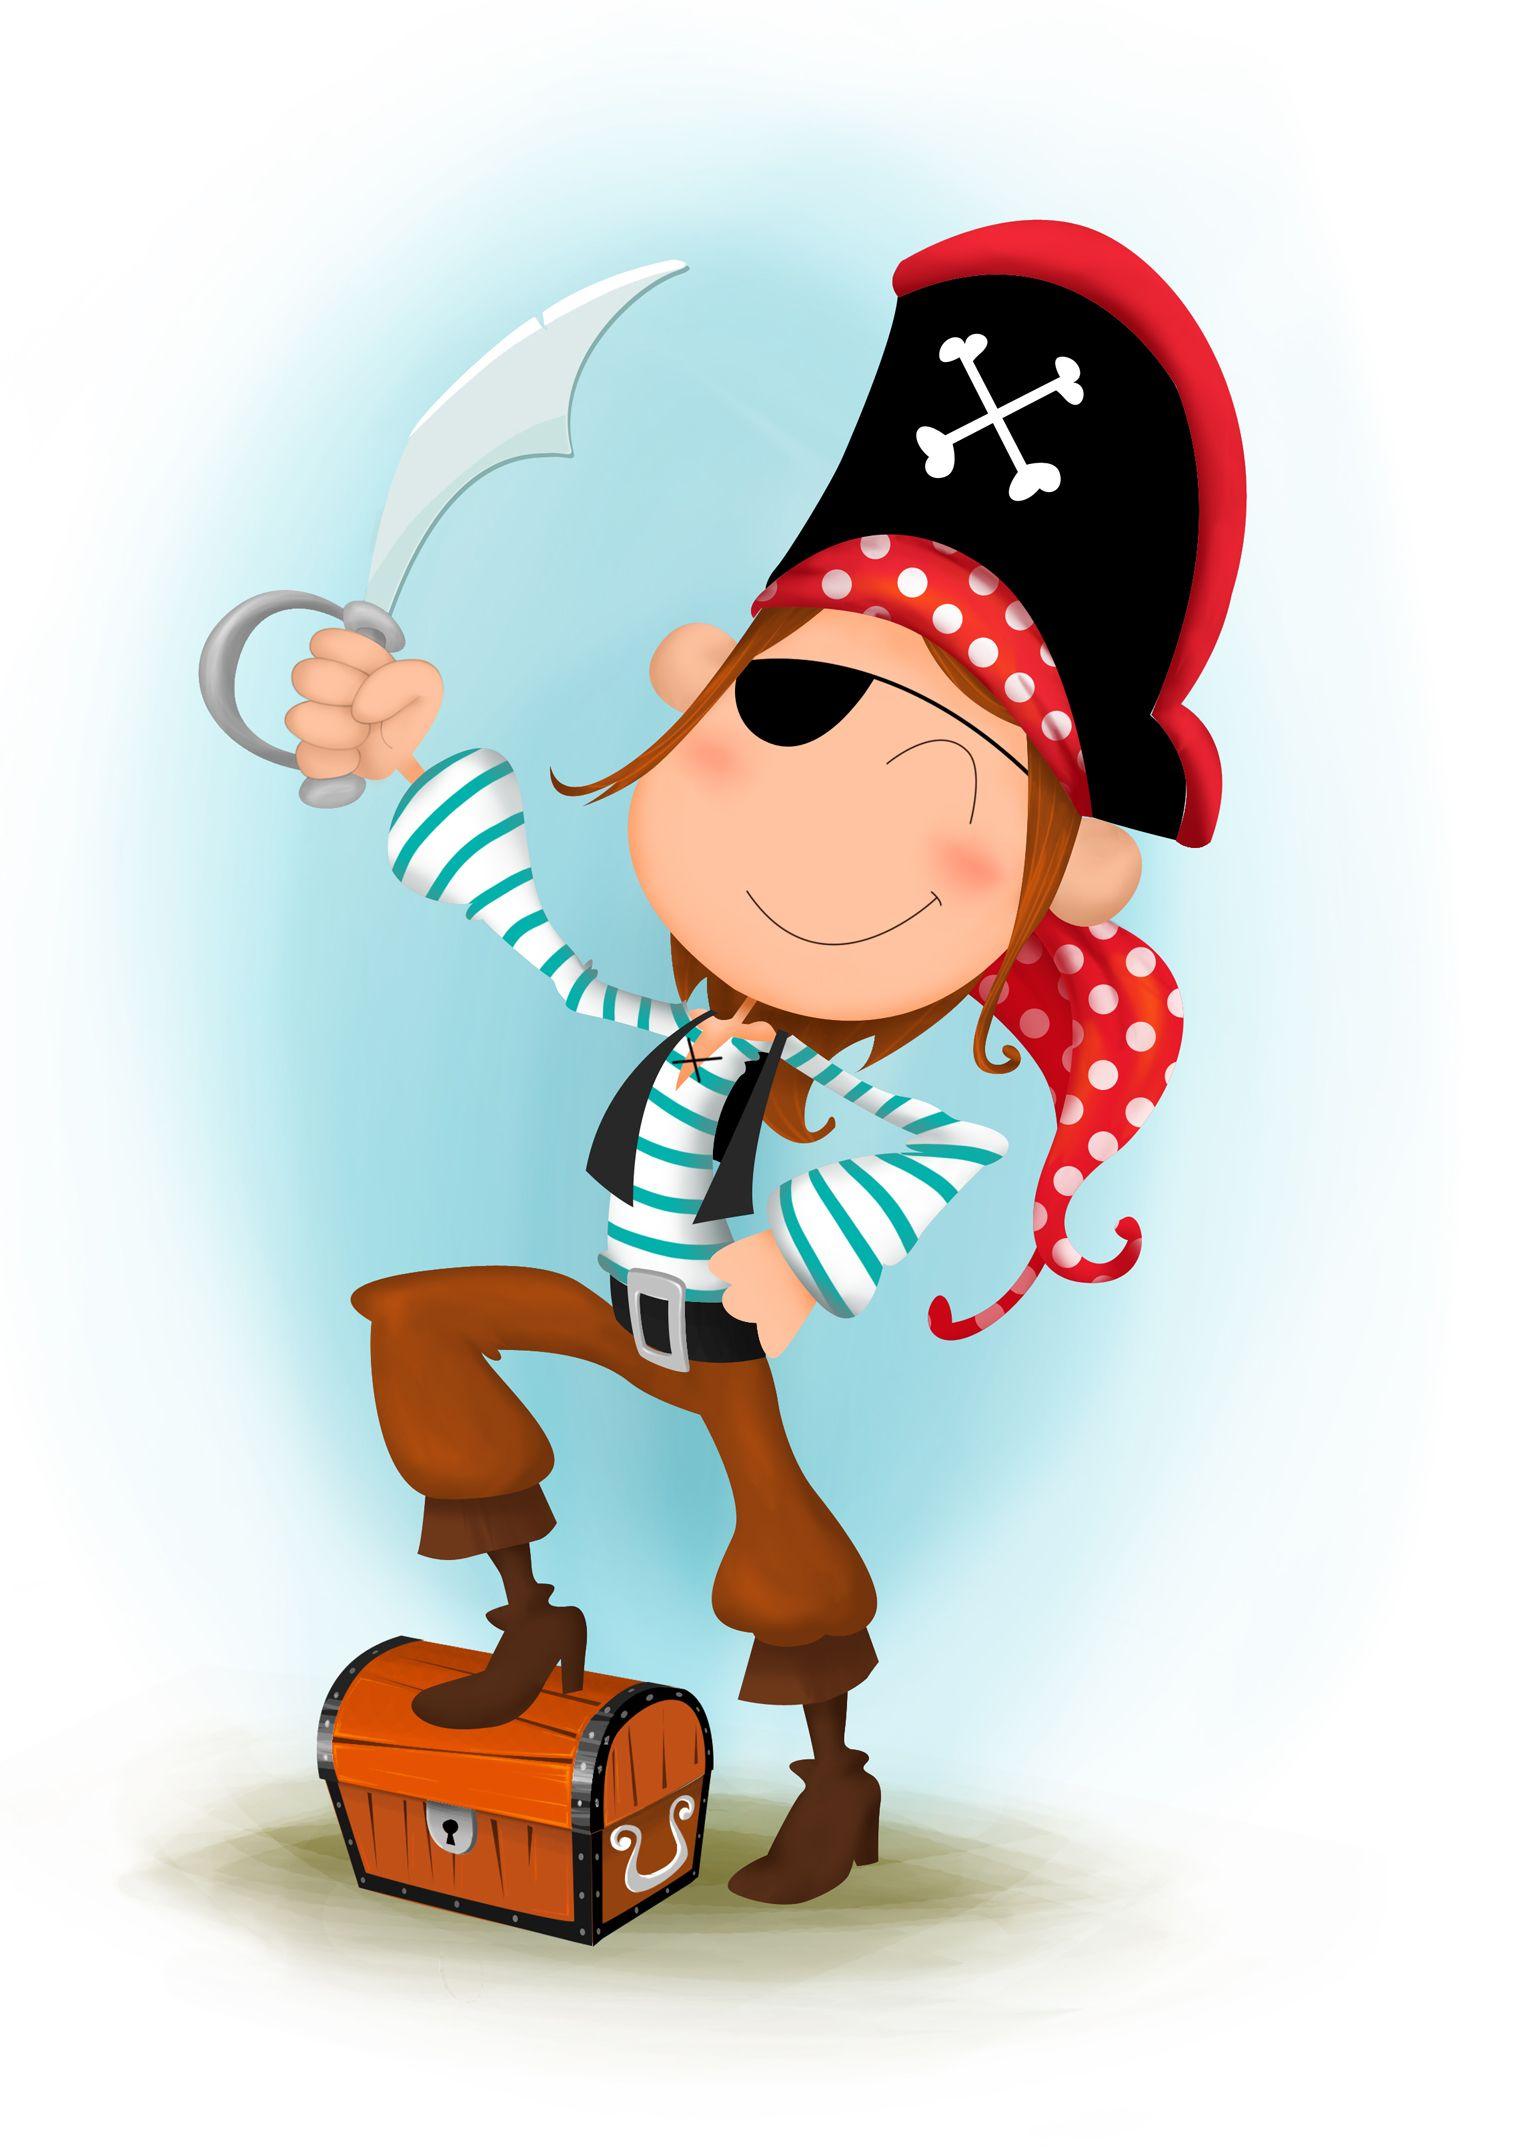 Resultado de imagen de pirata disfraces pinterest - Pirata colorazione pirata stampabili ...